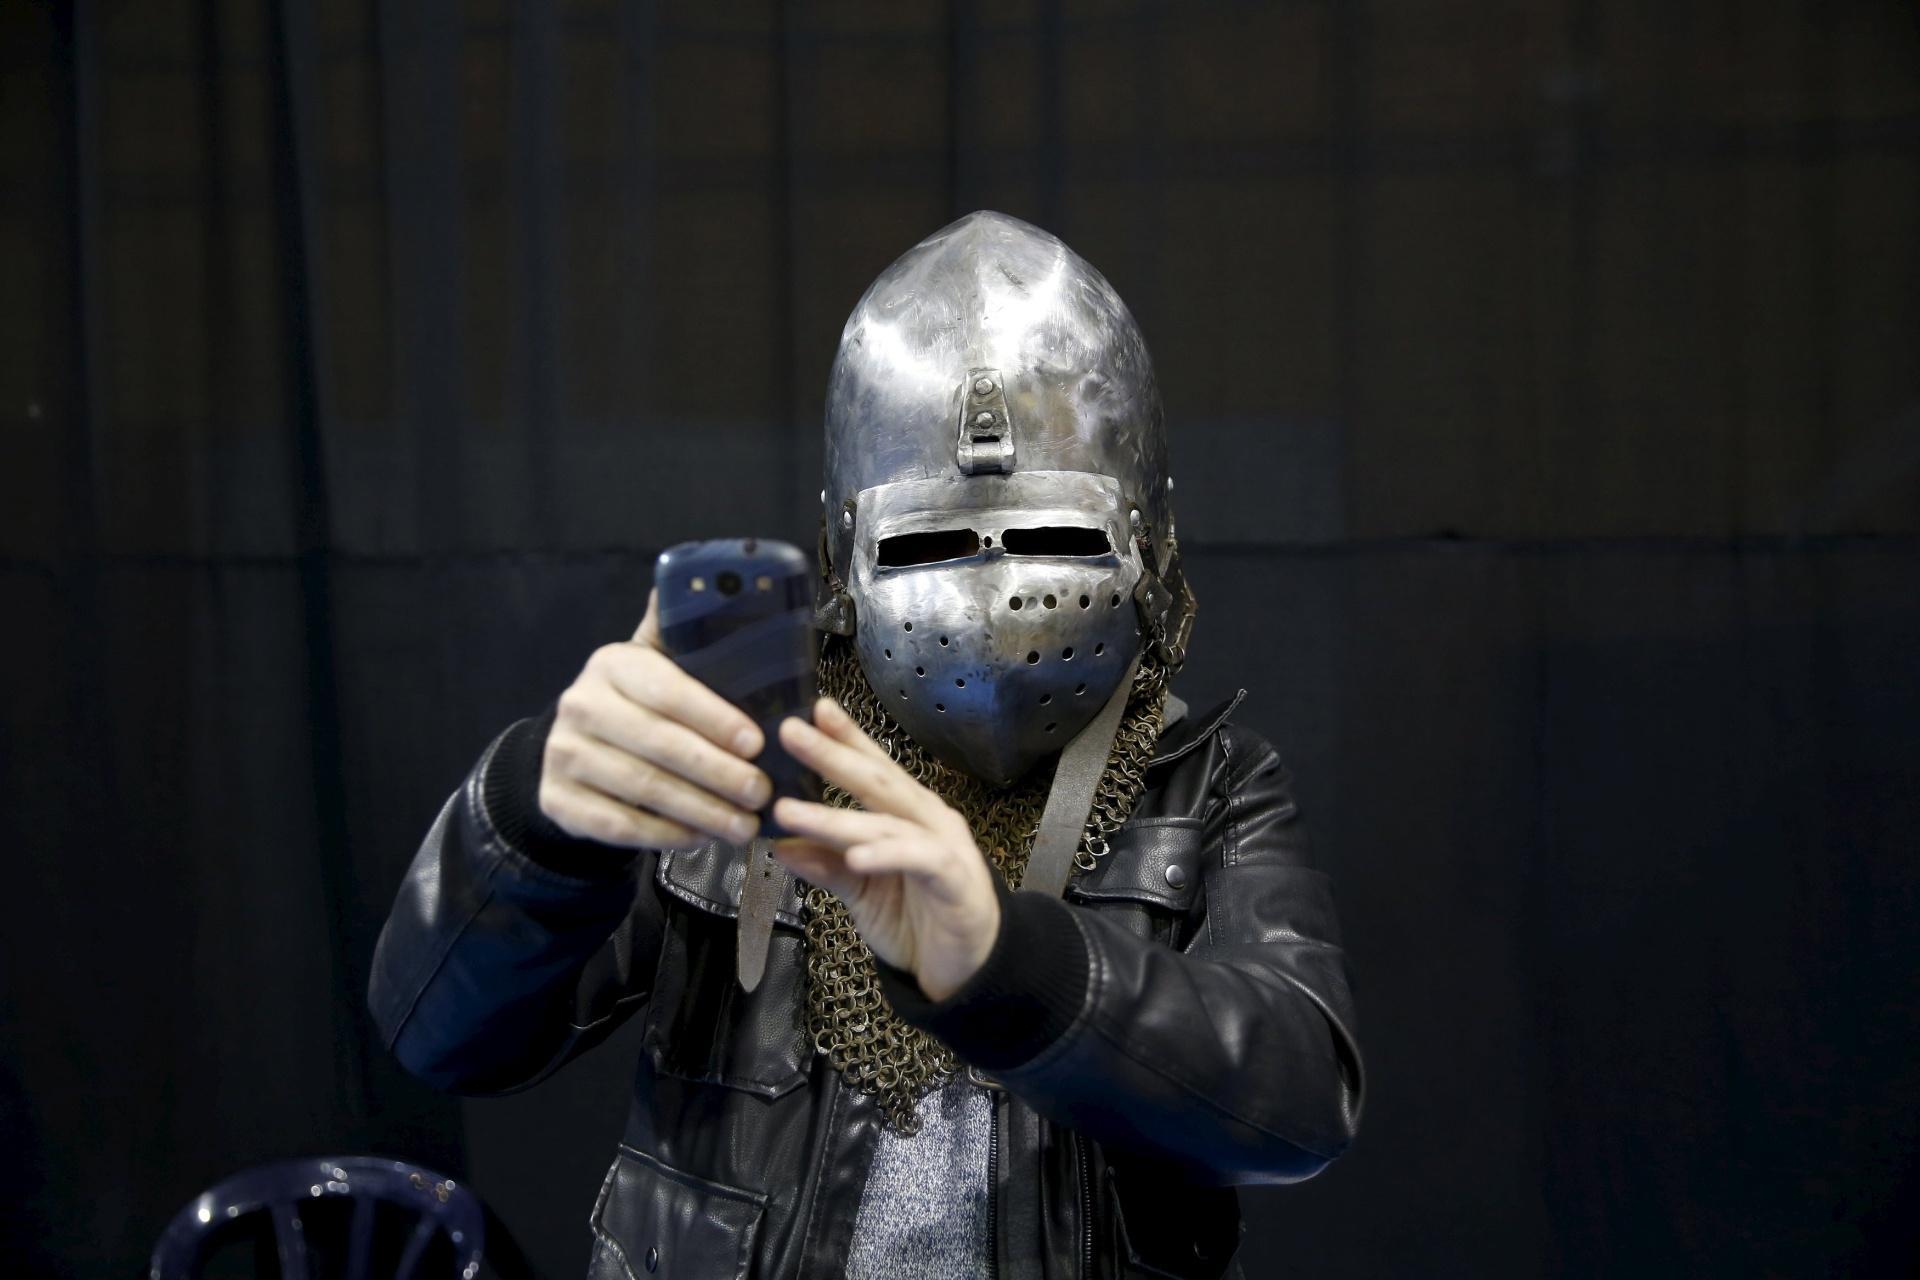 23.jan.2016 - Olha que choque de tecnologias: um homem vestido com casaco de couro e um capacete que remete a períodos mais antigos tira uma selfie com o seu smartphone durante o torneio em Israel